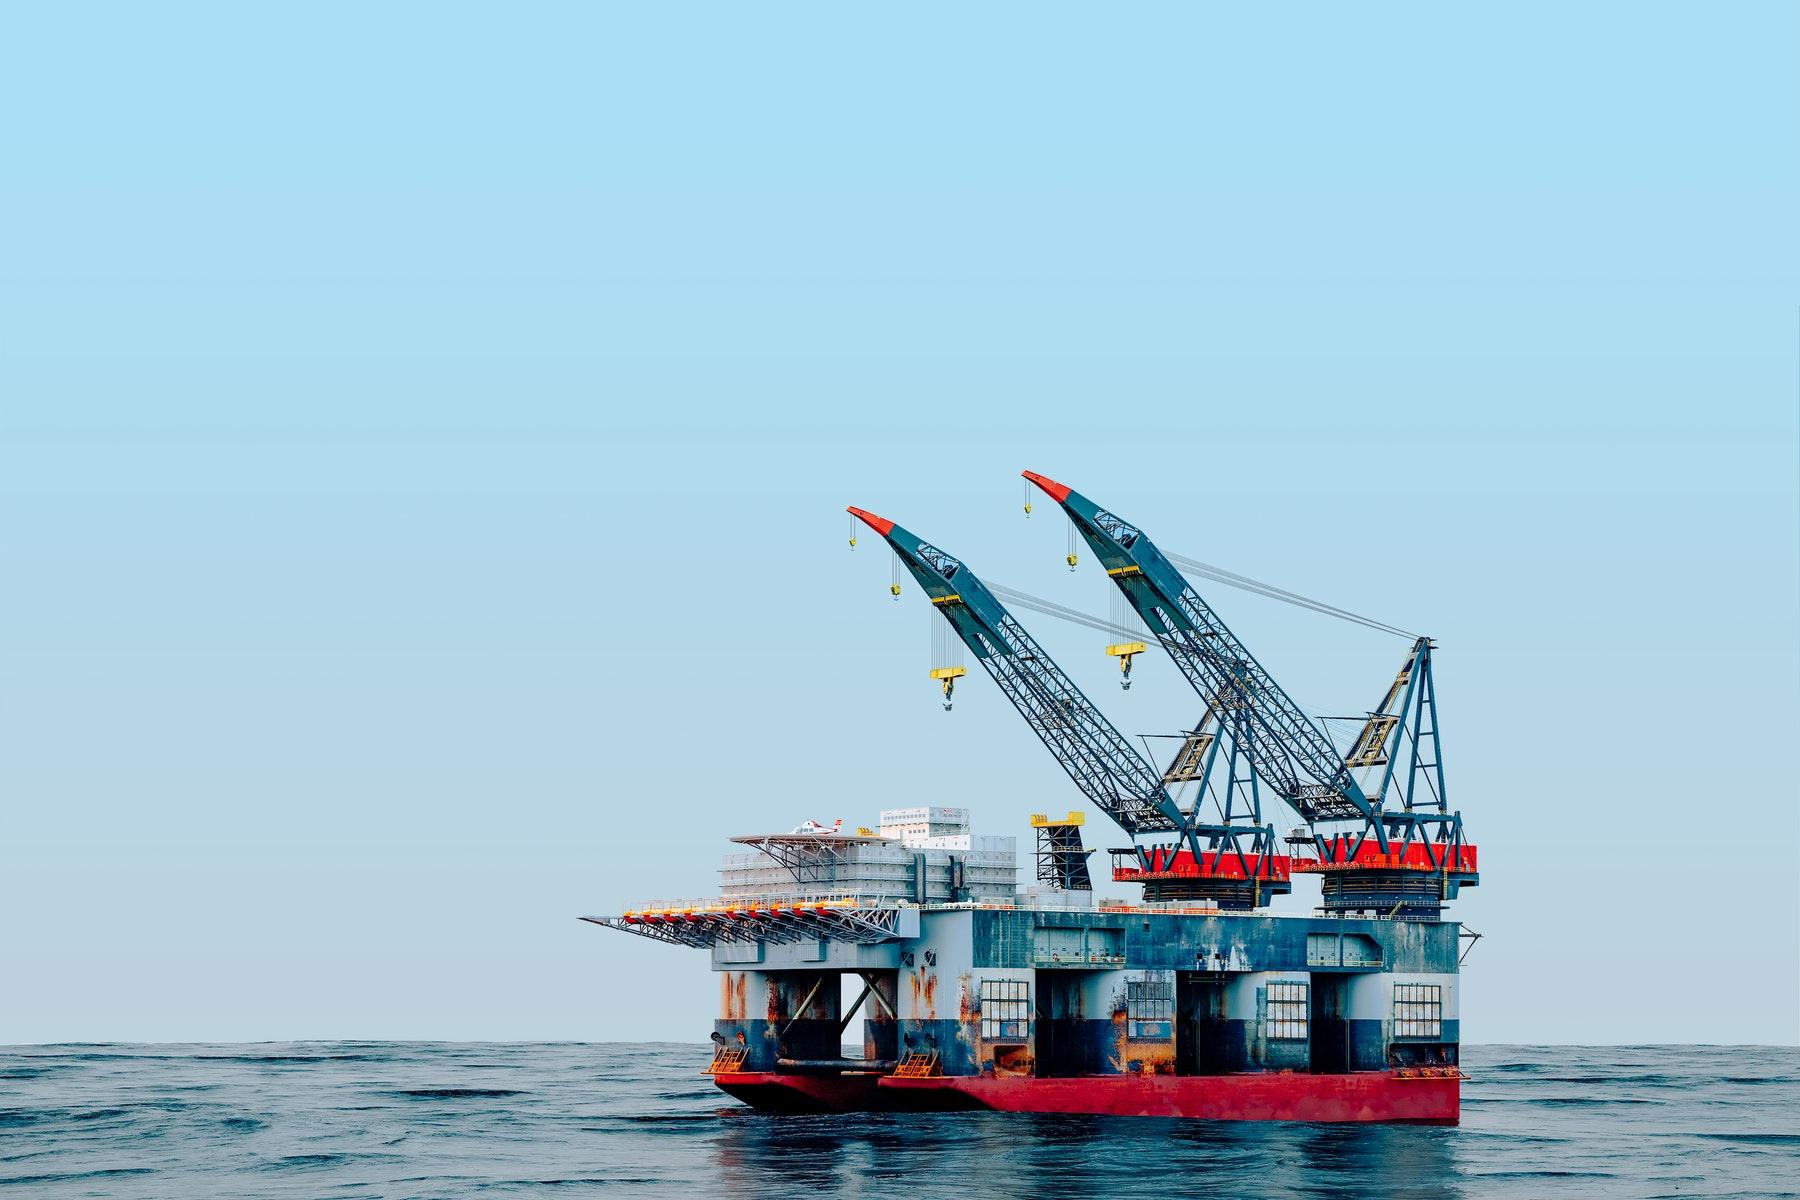 Giá xăng dầu hôm nay 10/2: Tiếp tục đà tăng mạnh mẽ nhờ vào cắt giảm sản lượng - Ảnh 1.